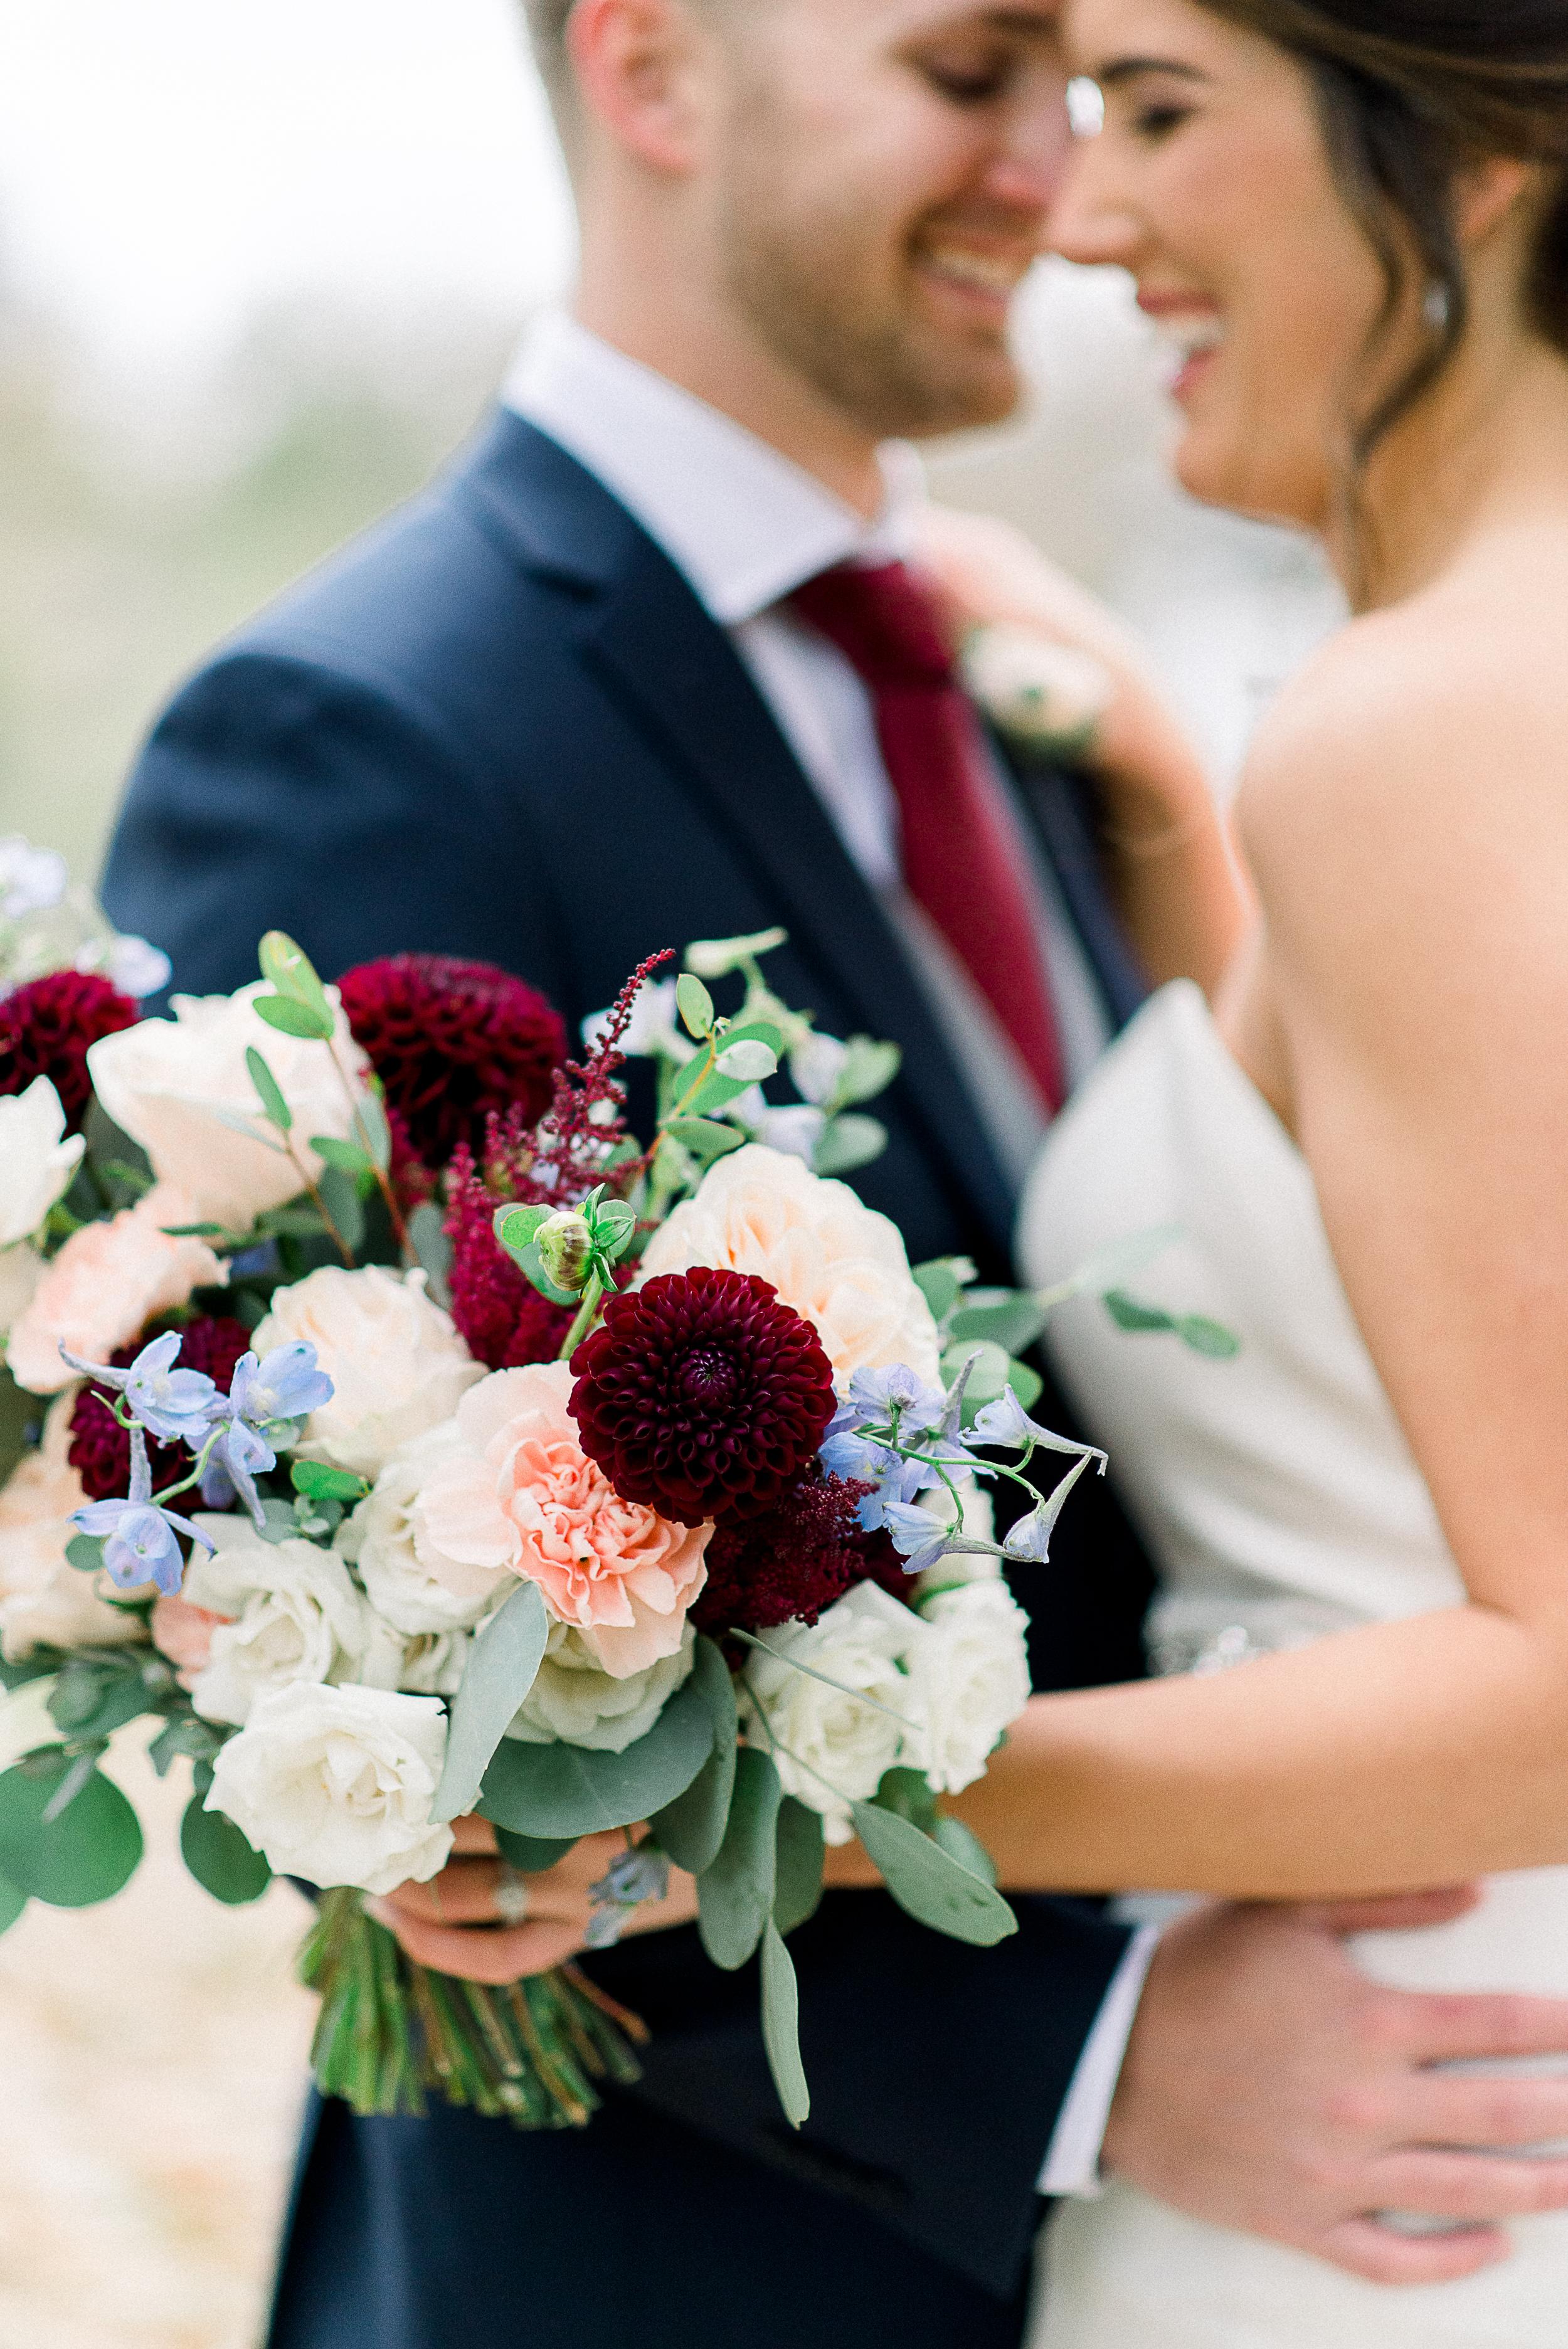 Marianna & Tim | Glendale Golf Club Wedding